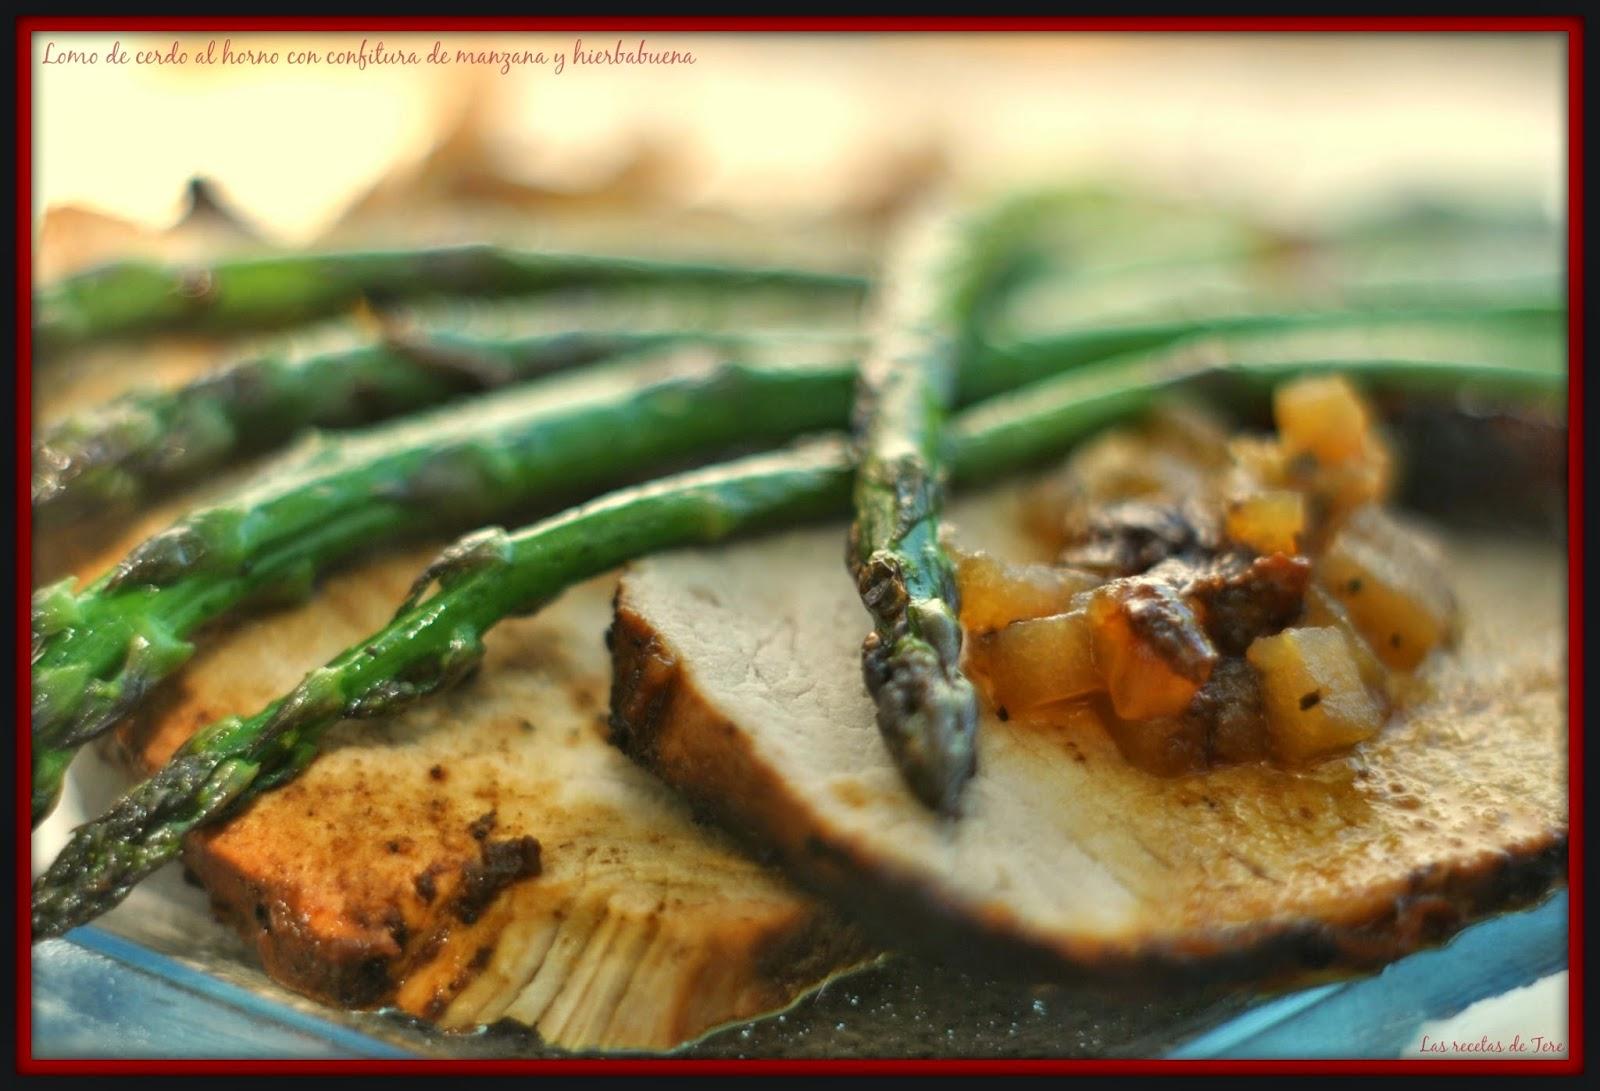 Lomo de cerdo al horno con confitura de manzana y hierbabuena 07